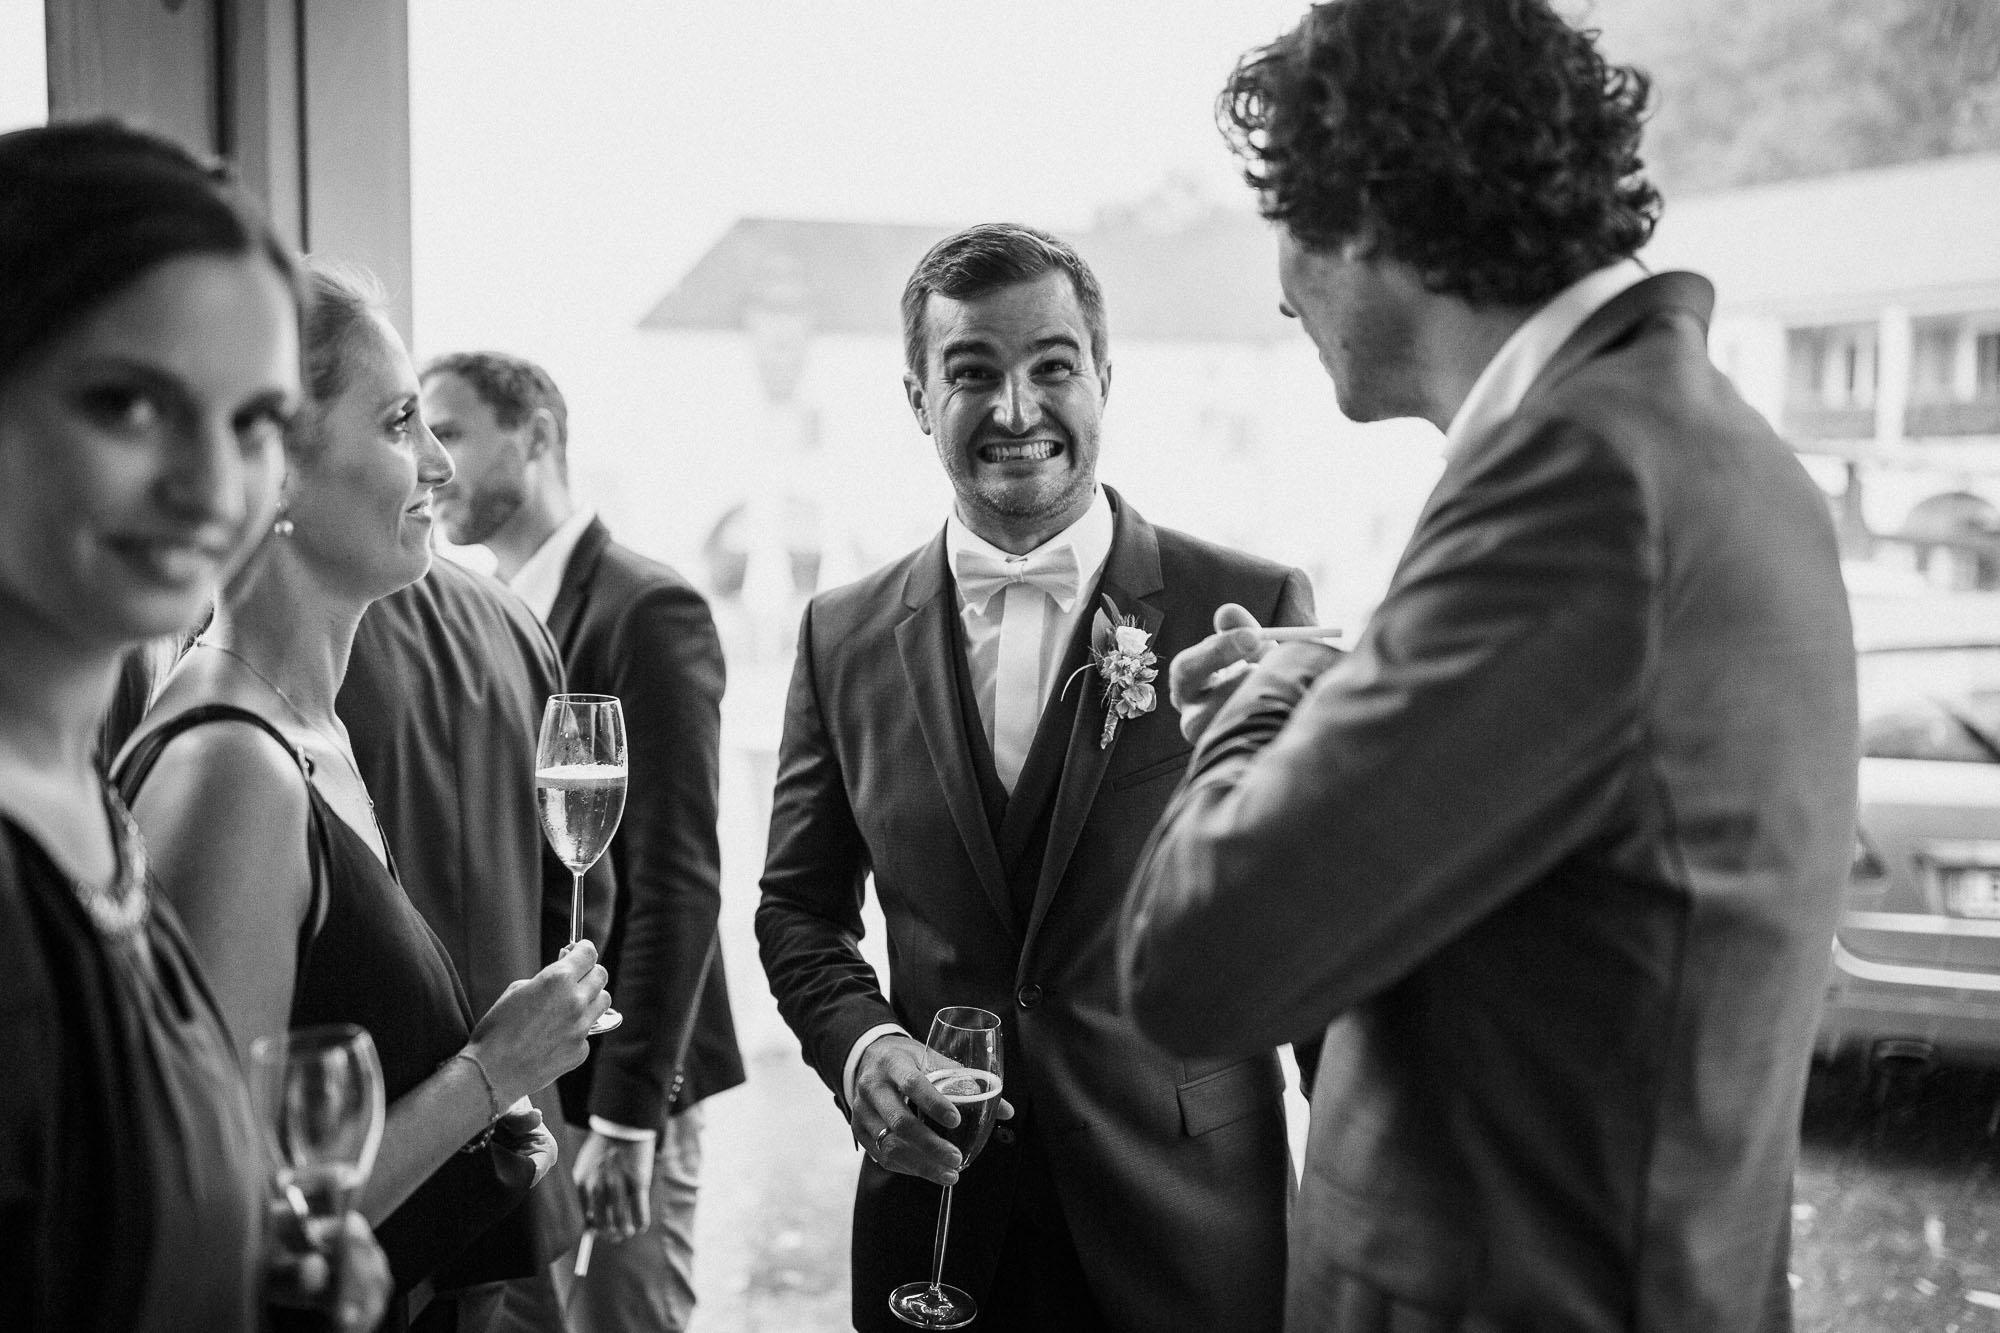 raissa simon photography wedding mosel kloster machern love authentic 515 - Kathrin + Dominik